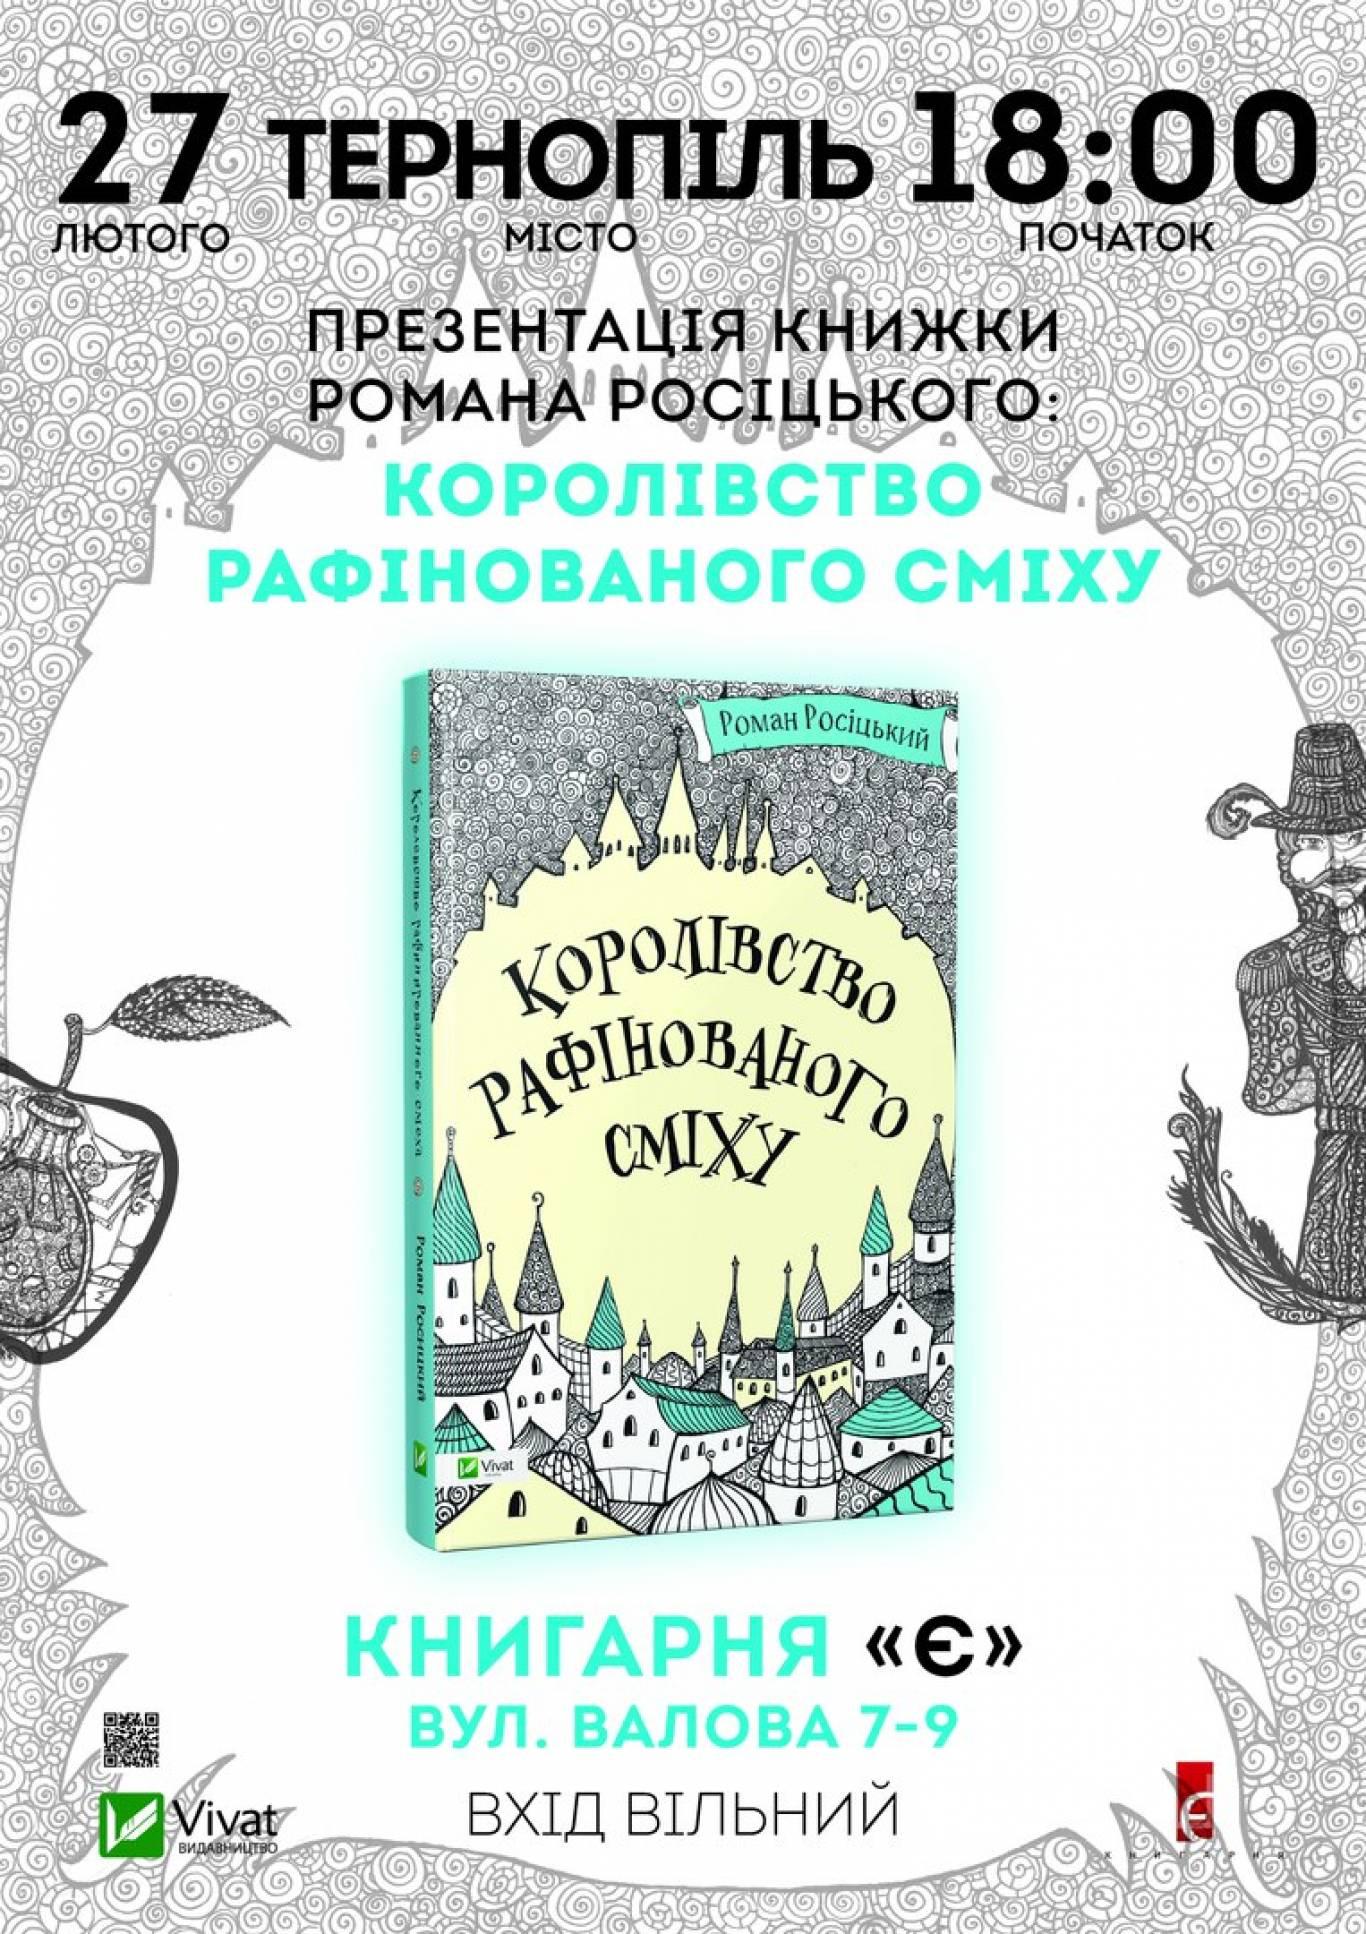 Презентація книжки Романа Росіцького «Королівство рафінованого сміху»